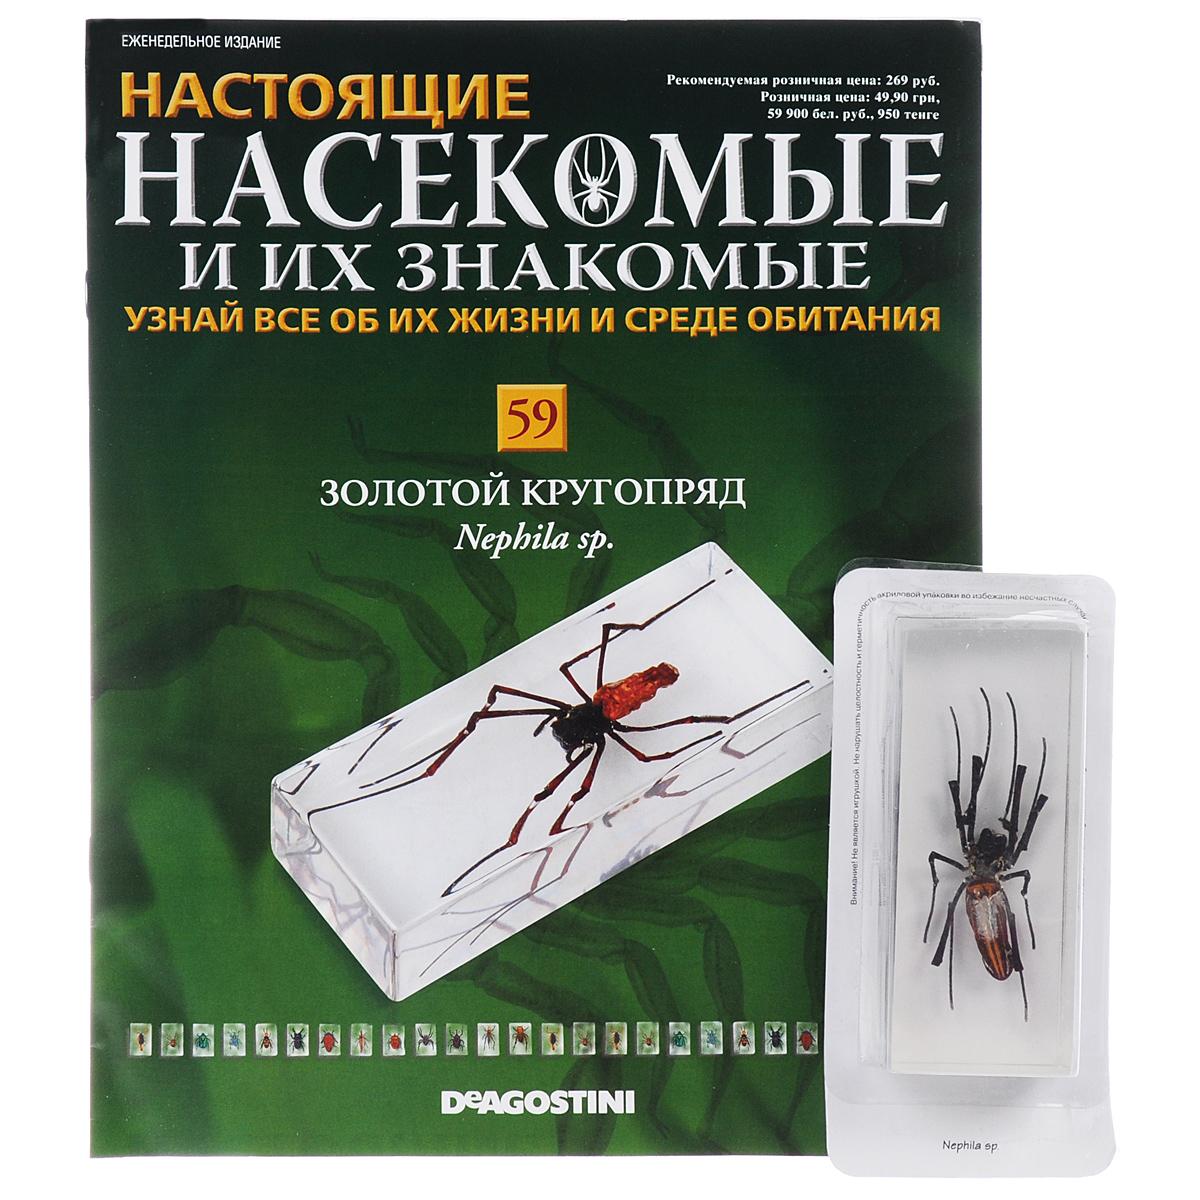 насекомые и их знакомые купить в спб